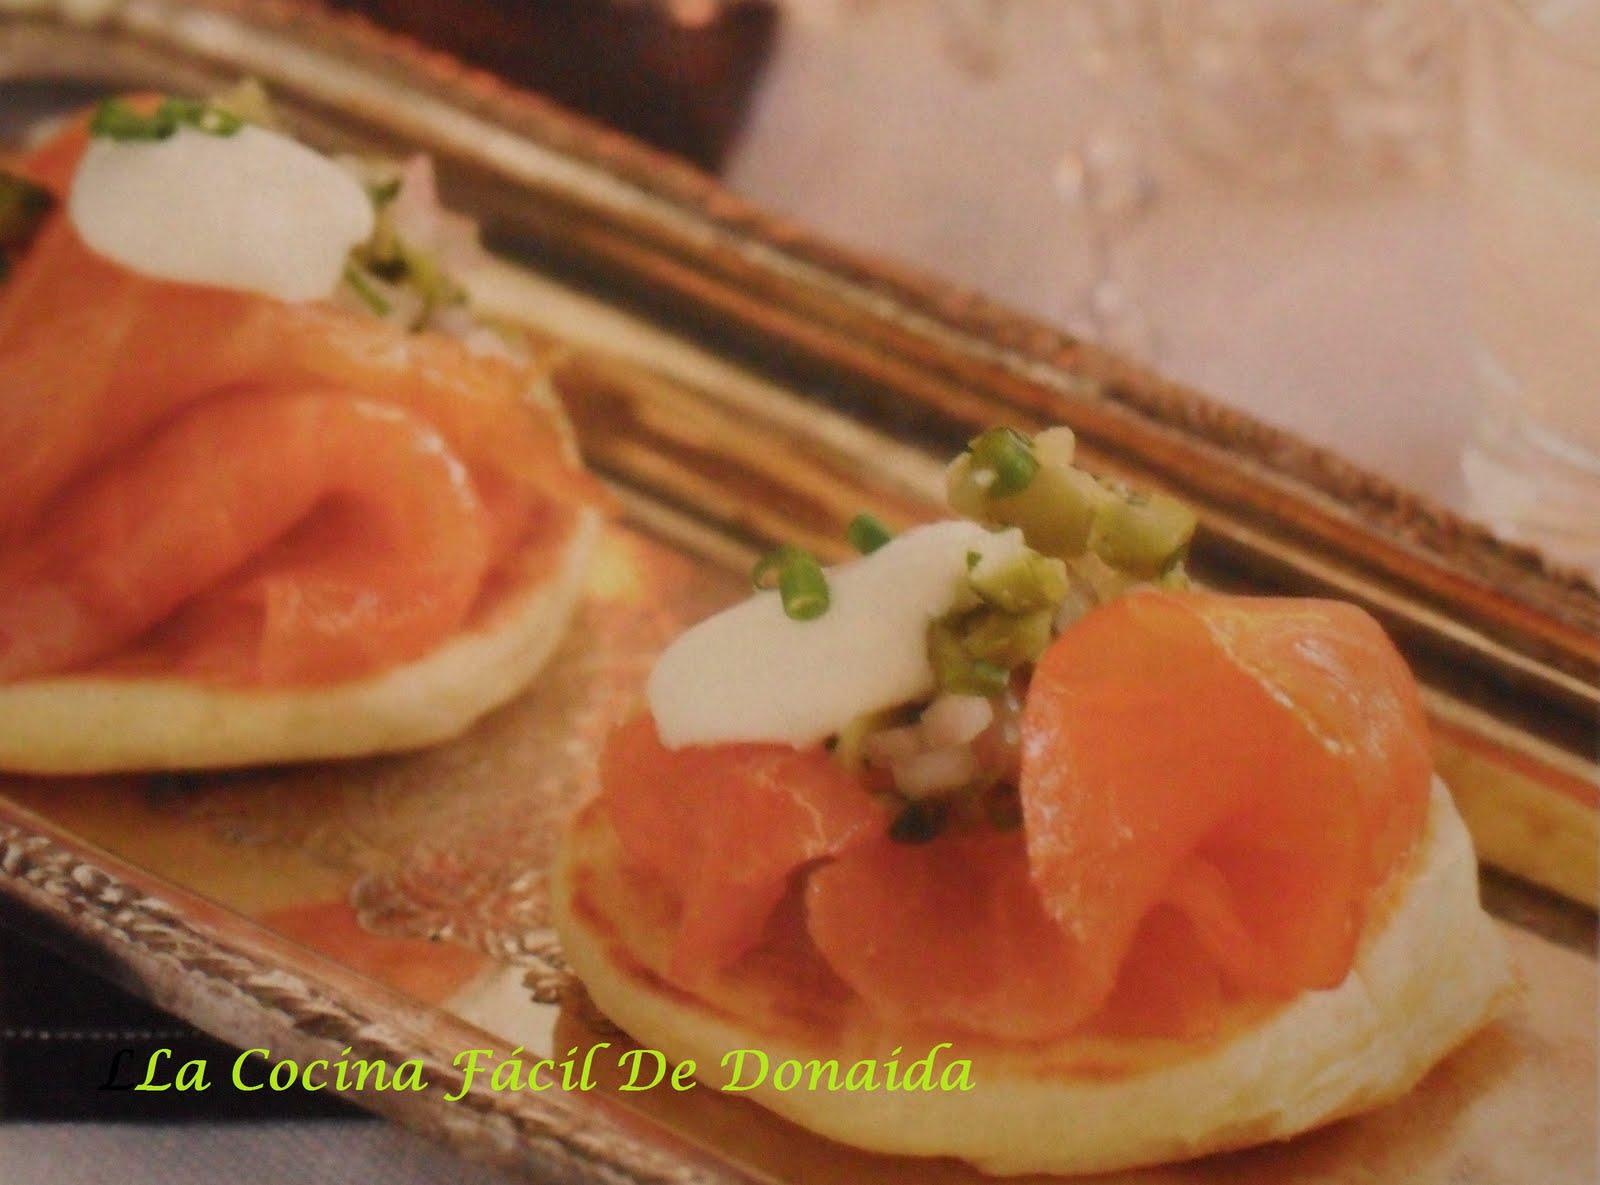 La cocina f cil de donaida canap s de salm n ahumado con for Canape de salmon ahumado